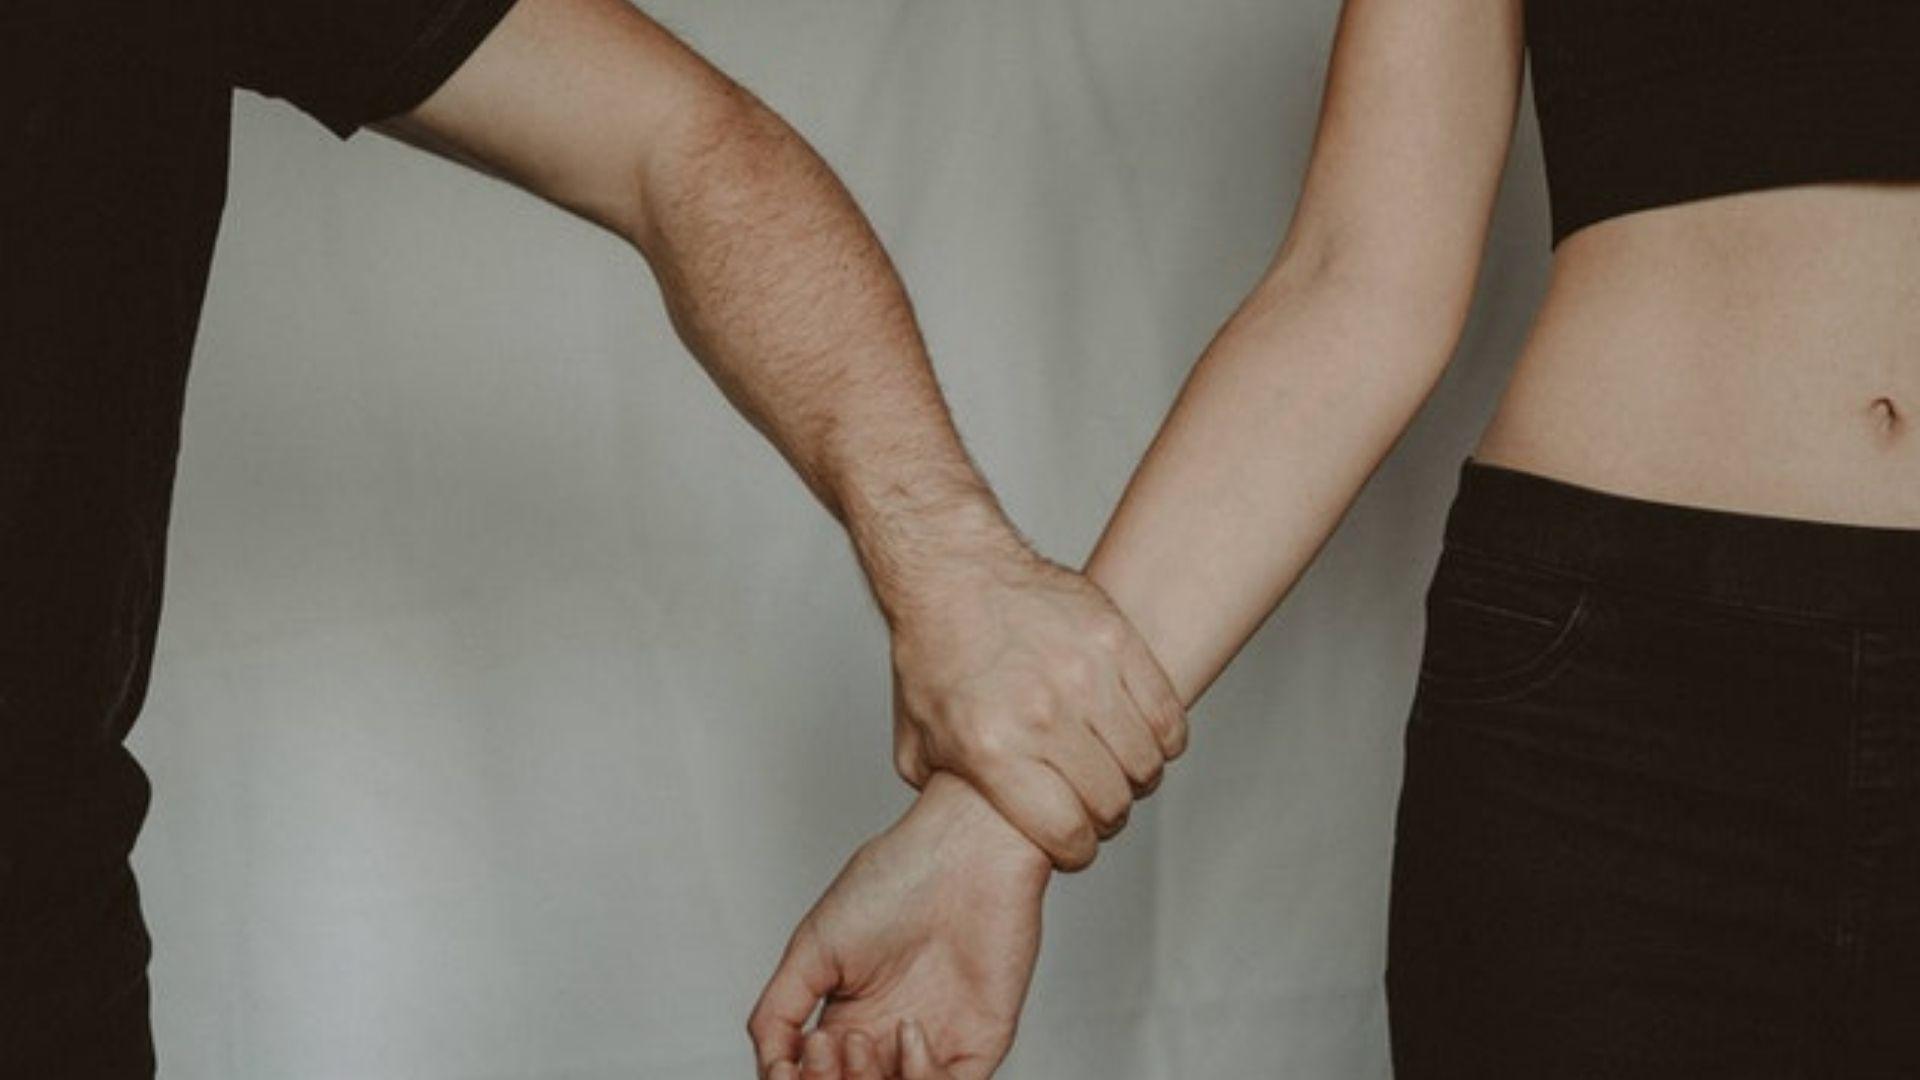 Пресконференція «Запобігання та протидія домашньому насильству та насильству за ознакою статі в сучасних умовах» (НАЖИВО)